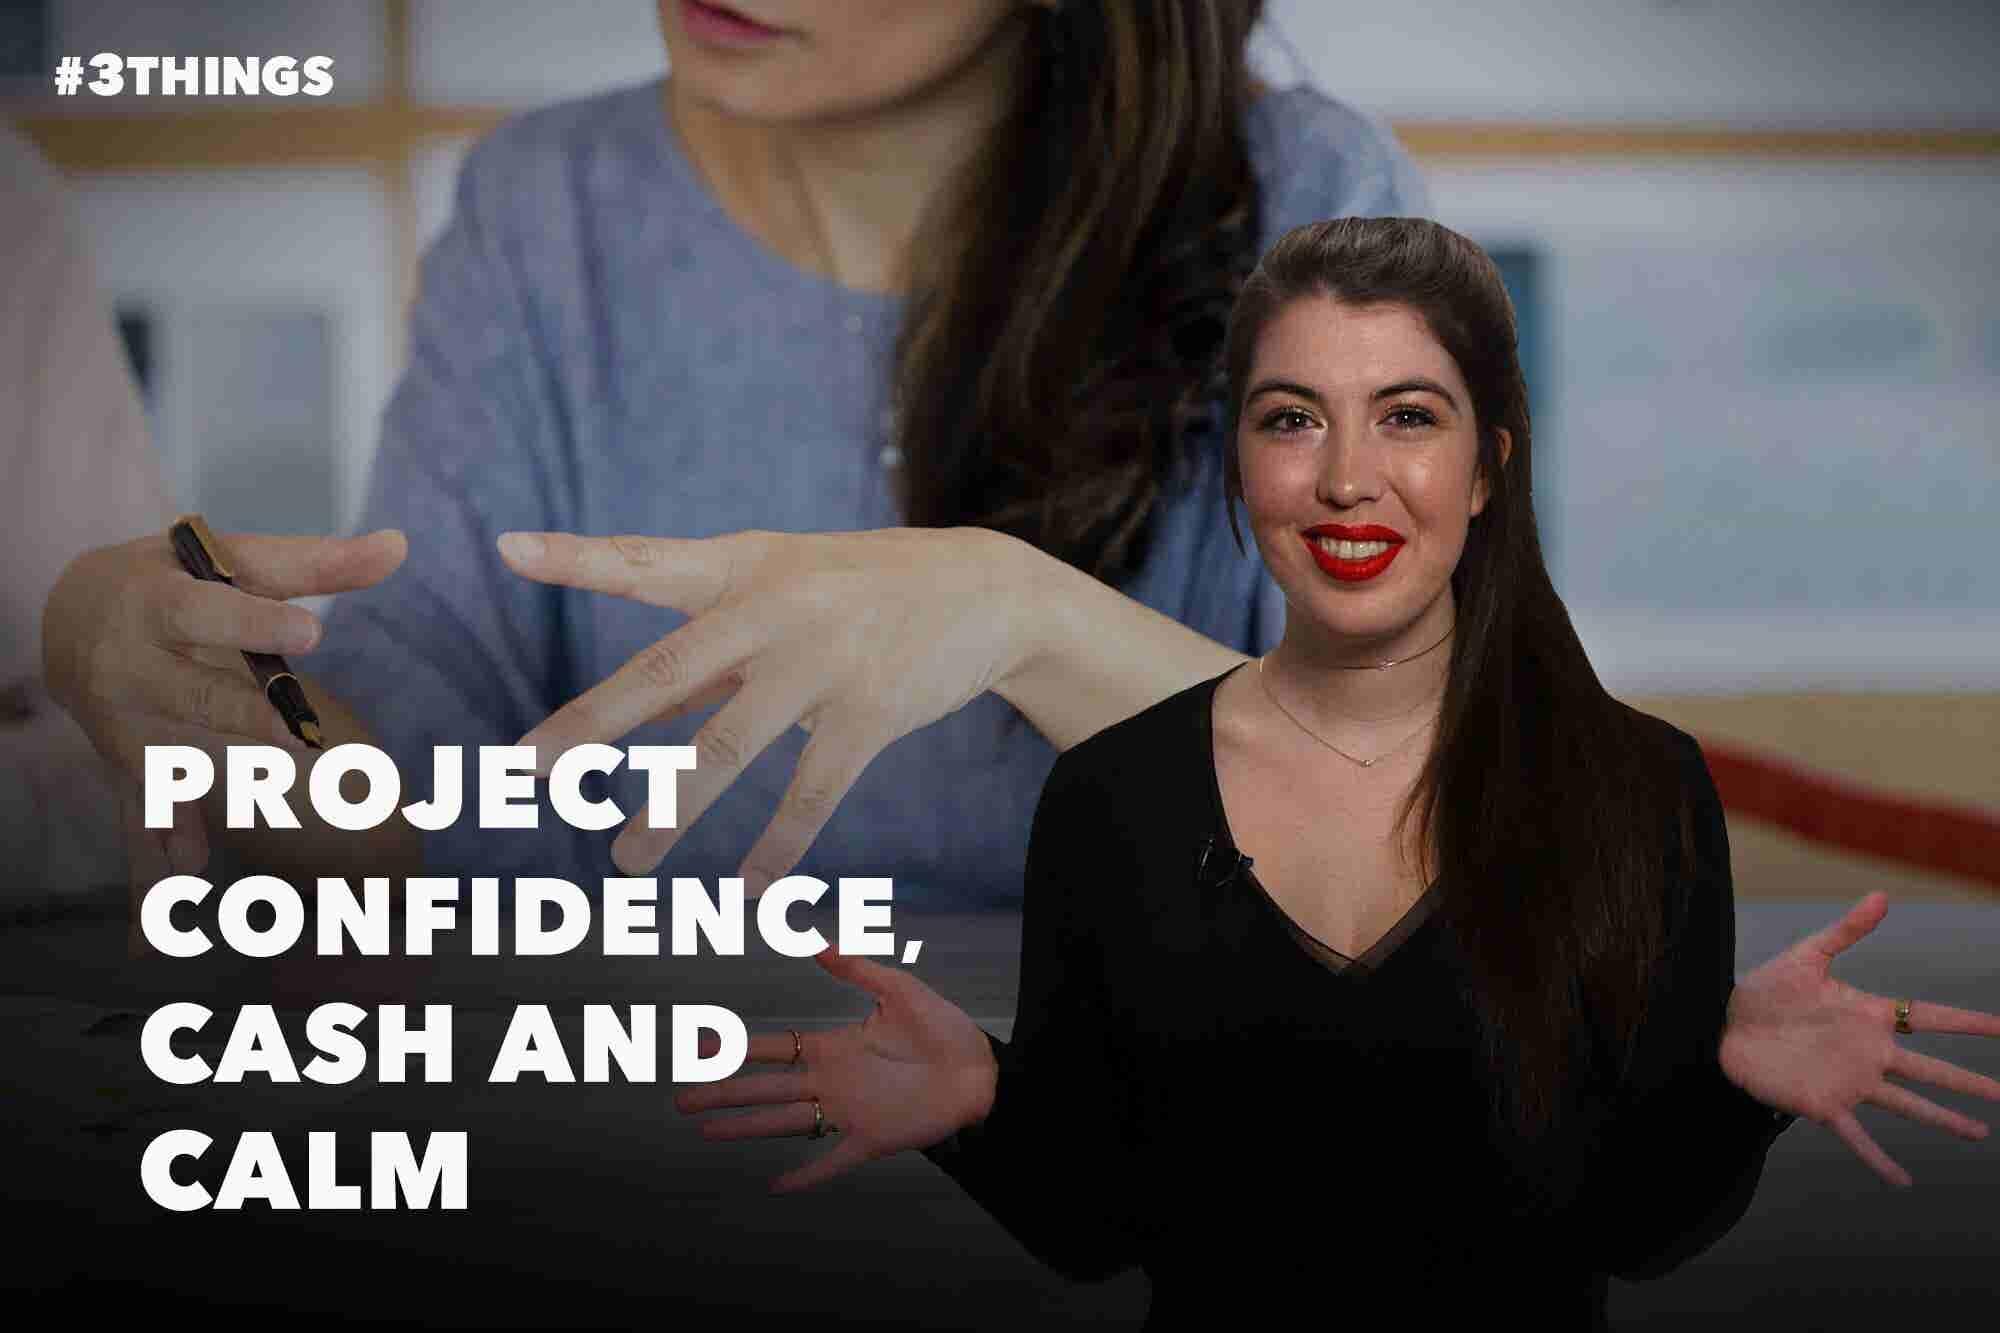 3 Body Language Secrets for Success